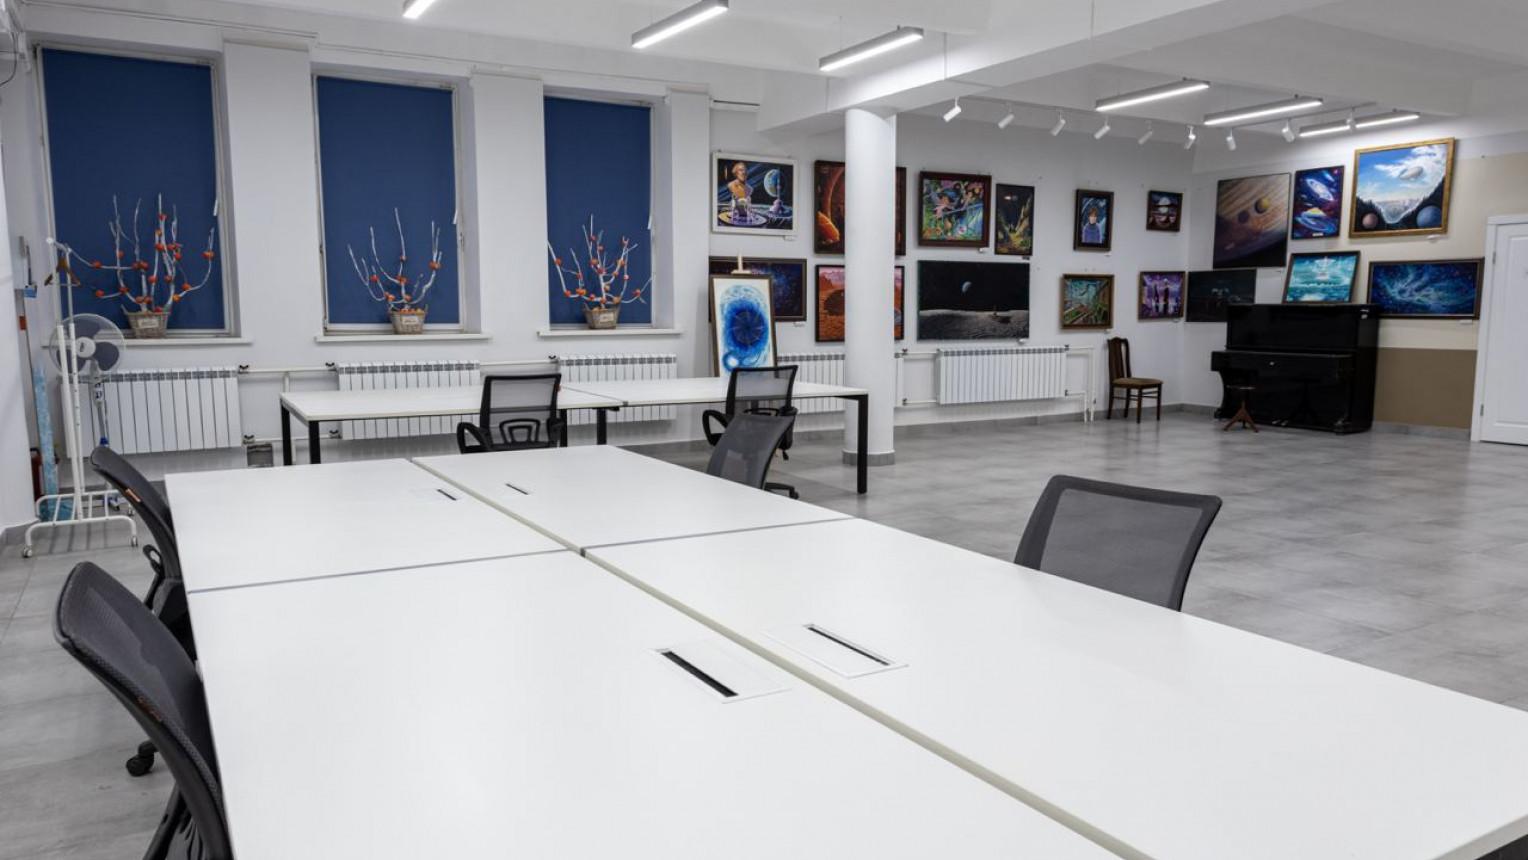 Зал визуальных искусств - фото №3